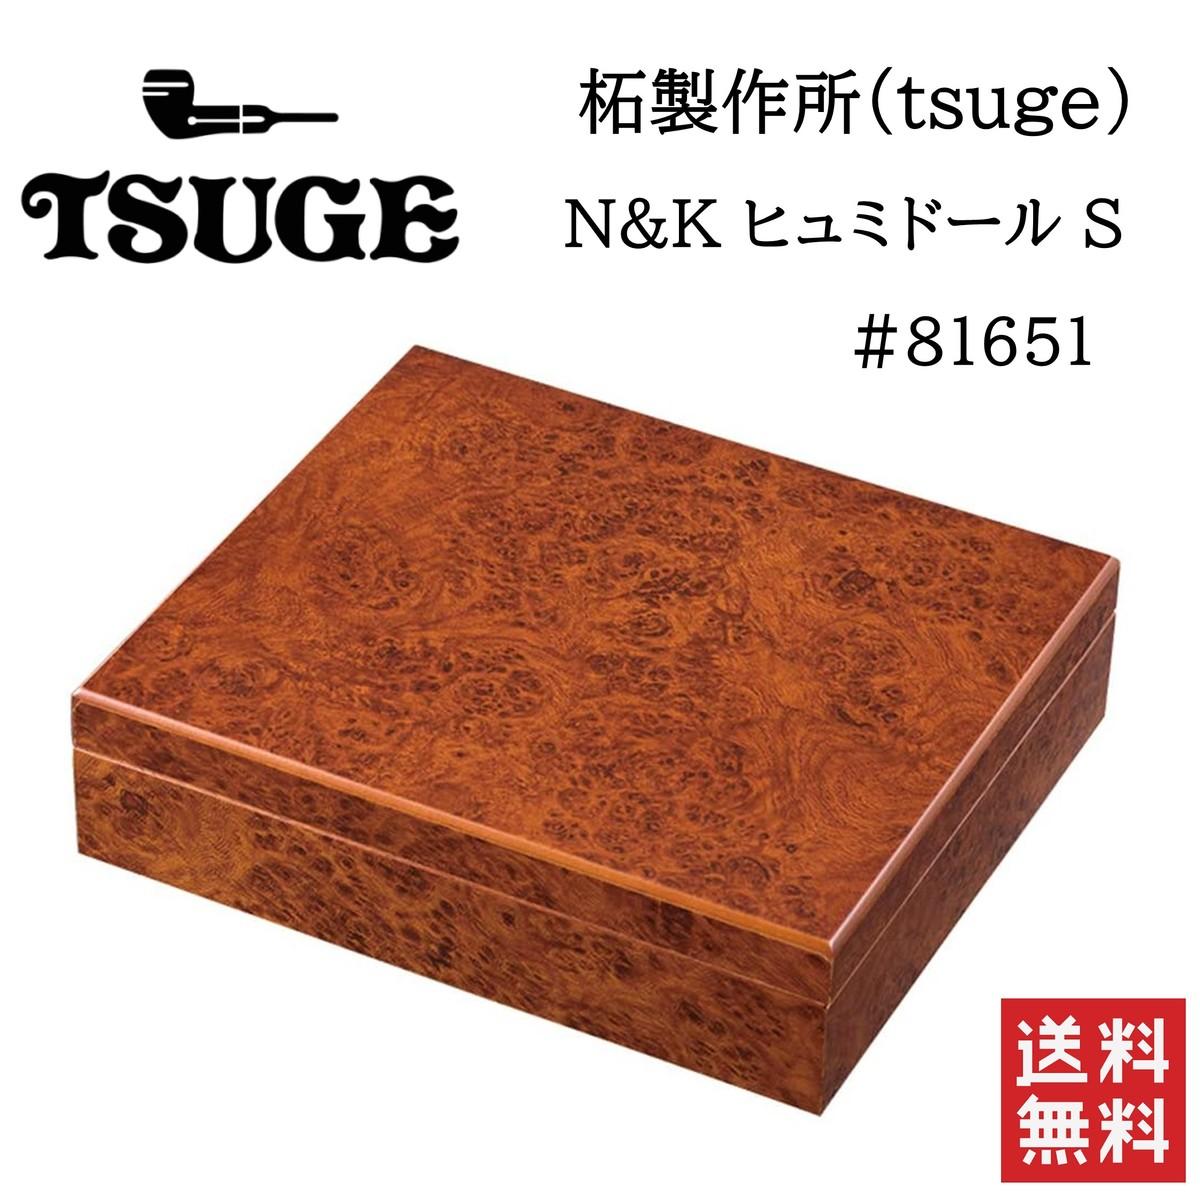 ヒュミドール S 柘製作所 tsuge NK #81651 シガー 喫煙具 加湿器 NEW ARRIVAL NEW コロナ チャーチル 葉巻